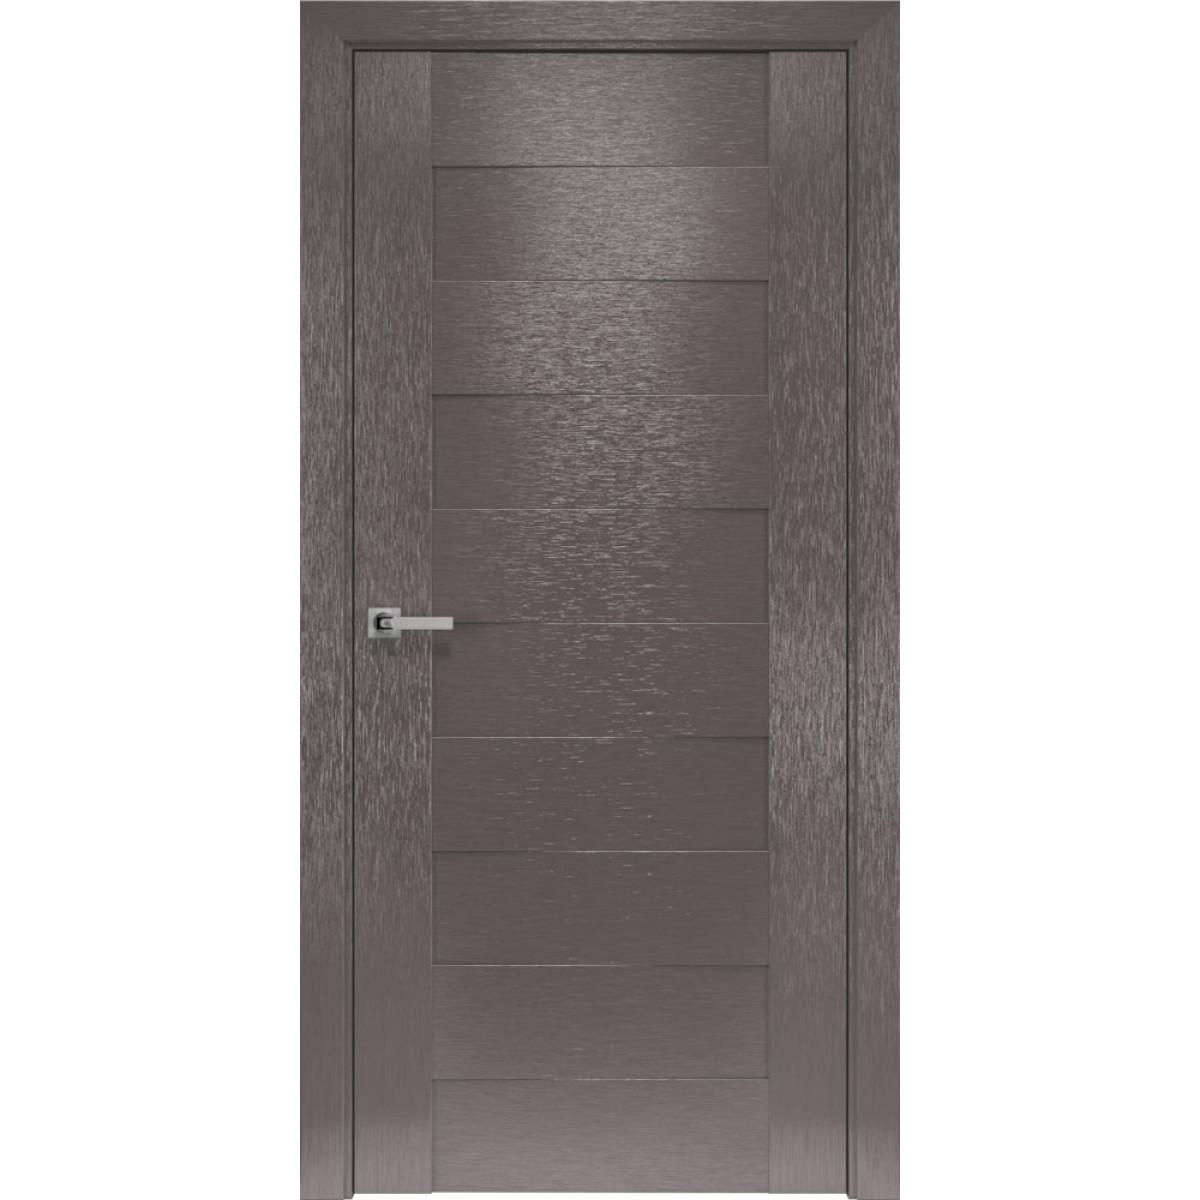 Межкомнатная дверь Мюнхен ПВХ Шолк Новый стиль